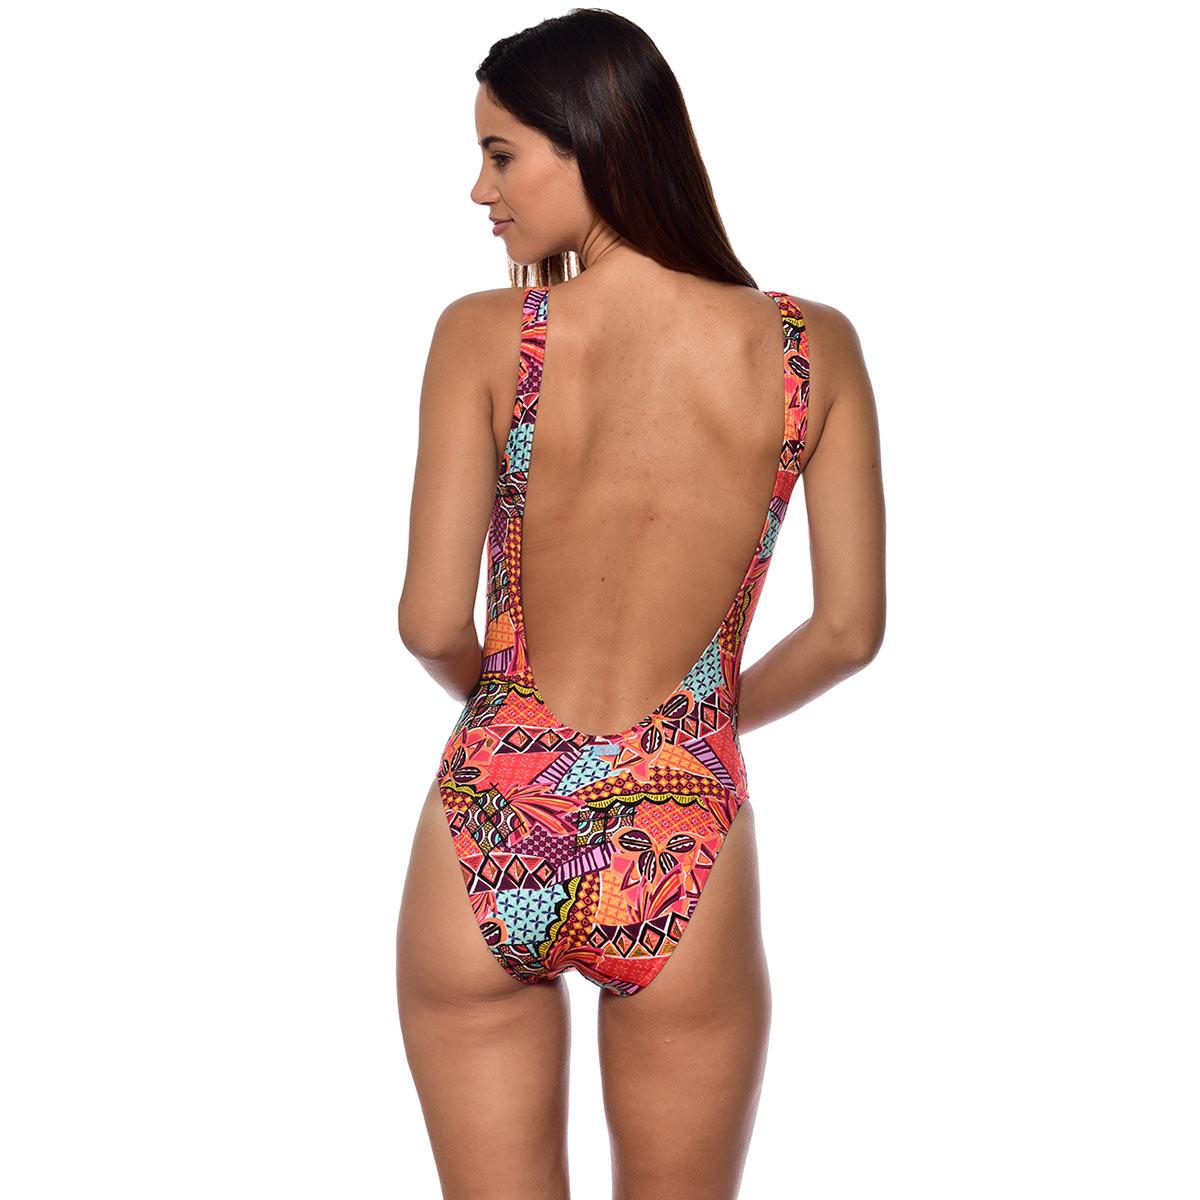 3895a826c2 Solde -40%. Maillot une pièce nageur orange imprimé ethnique Havana